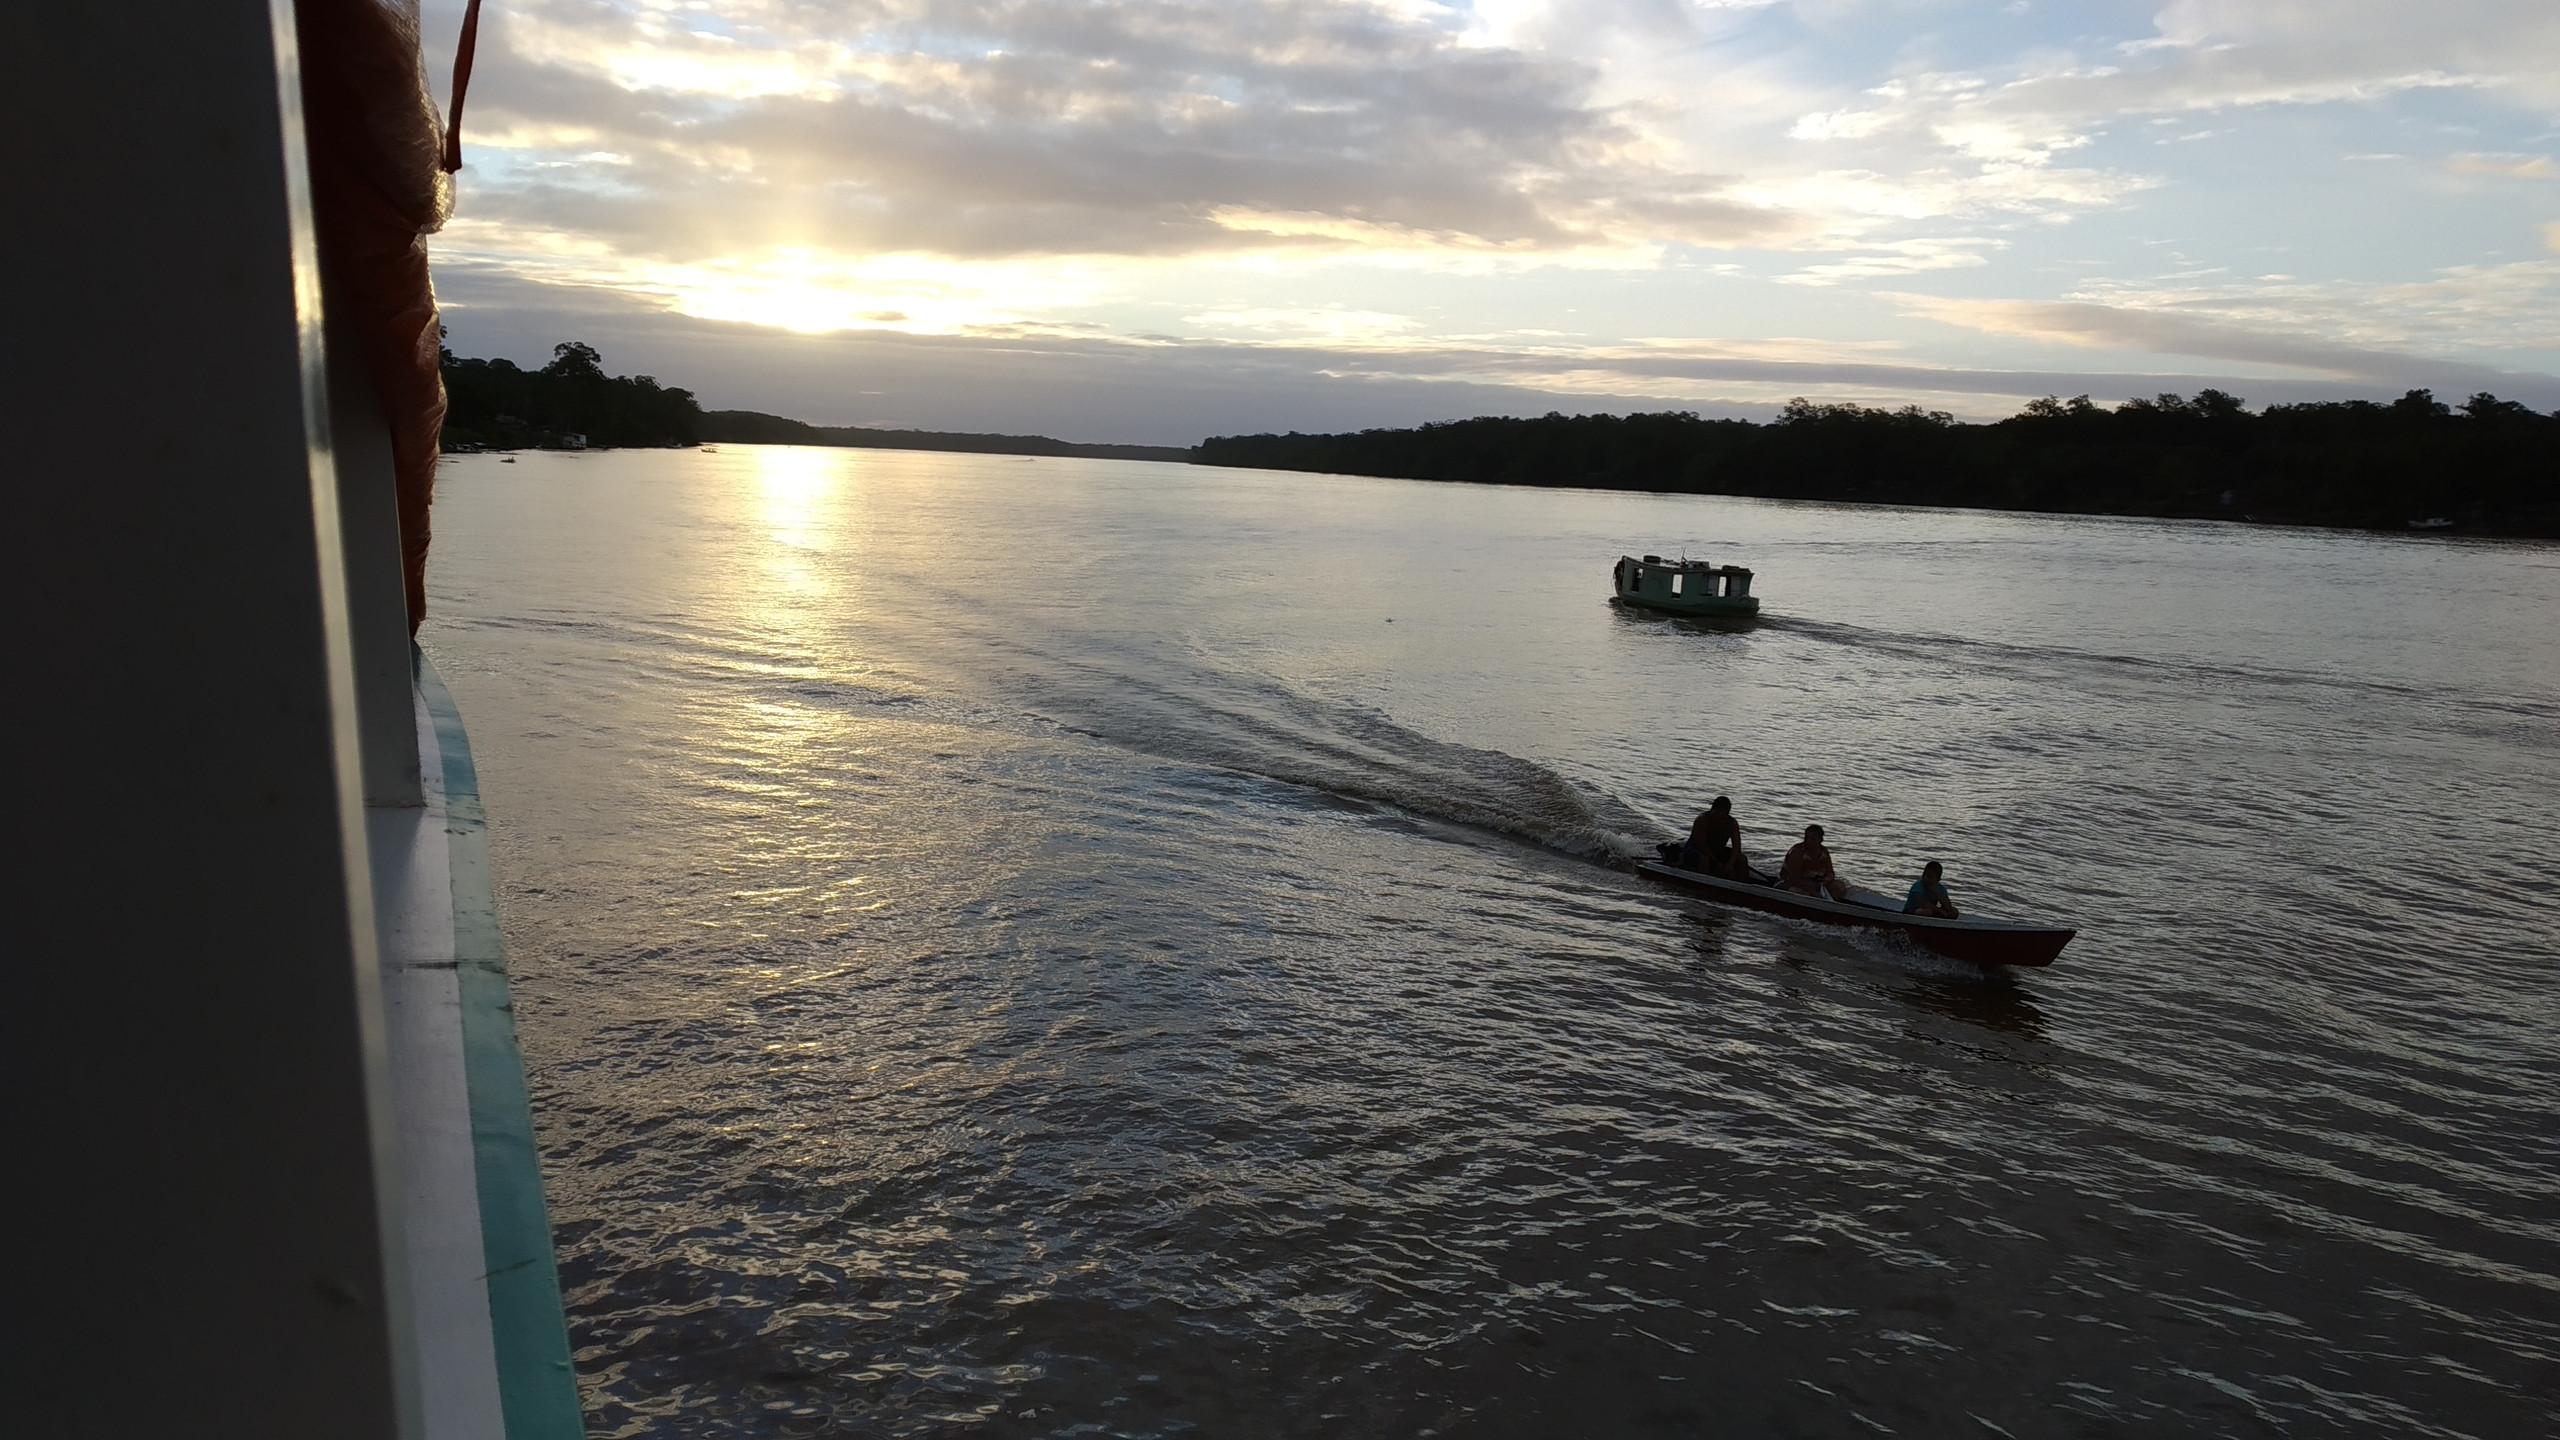 Durante o inverno quando a maré seca surgem os bancos de areia dificultando a passagem dos barcos